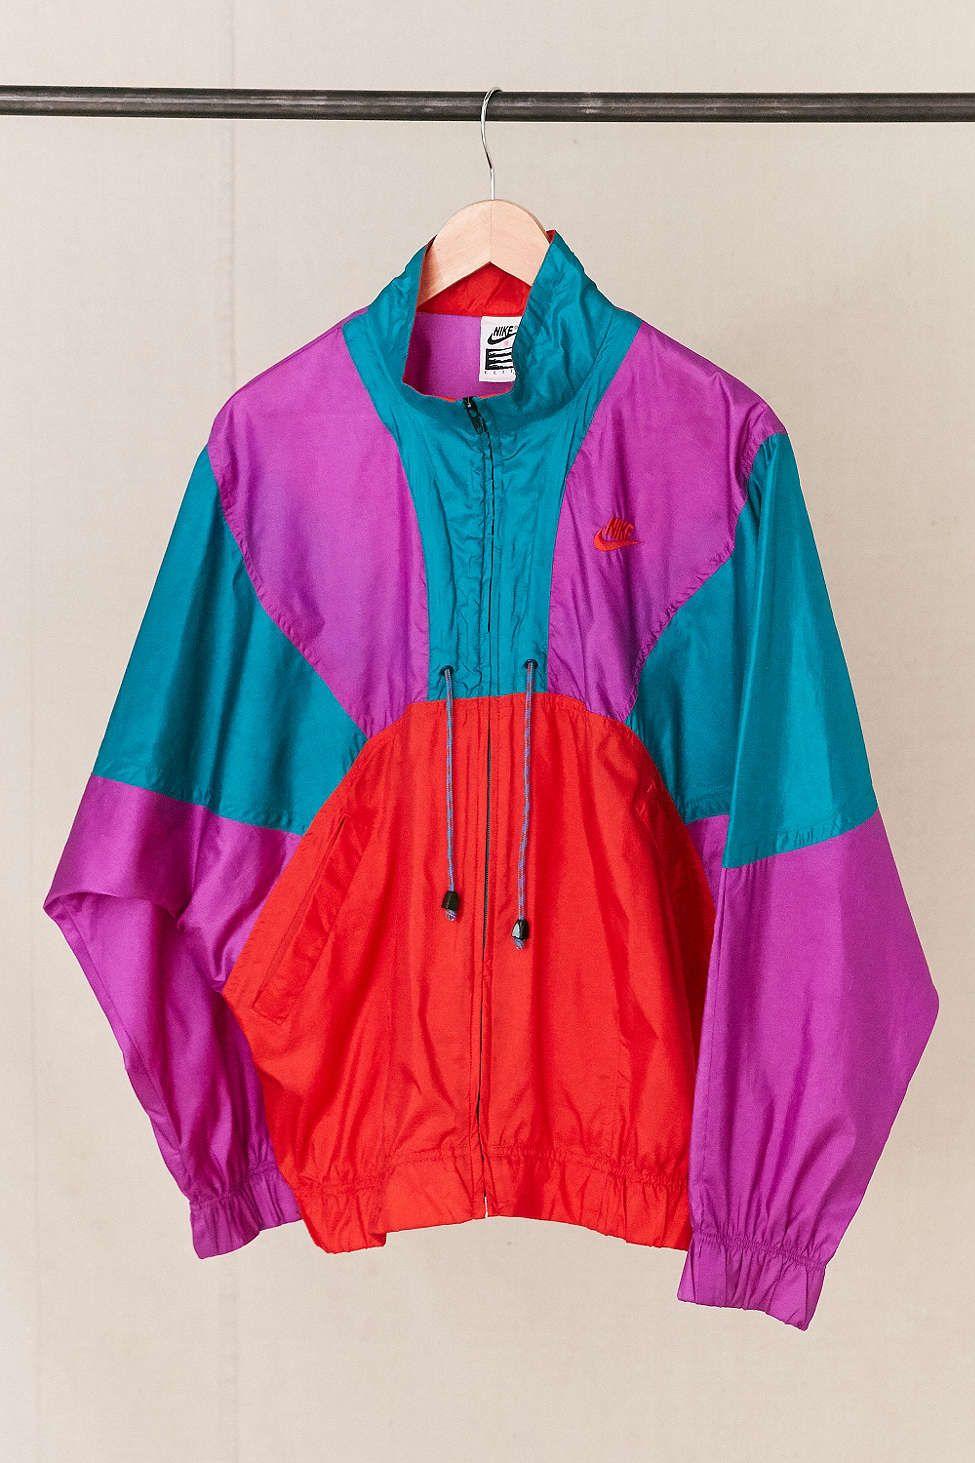 9ede9c633 Vintage Nike Neon Drawstring Windbreaker Jacket